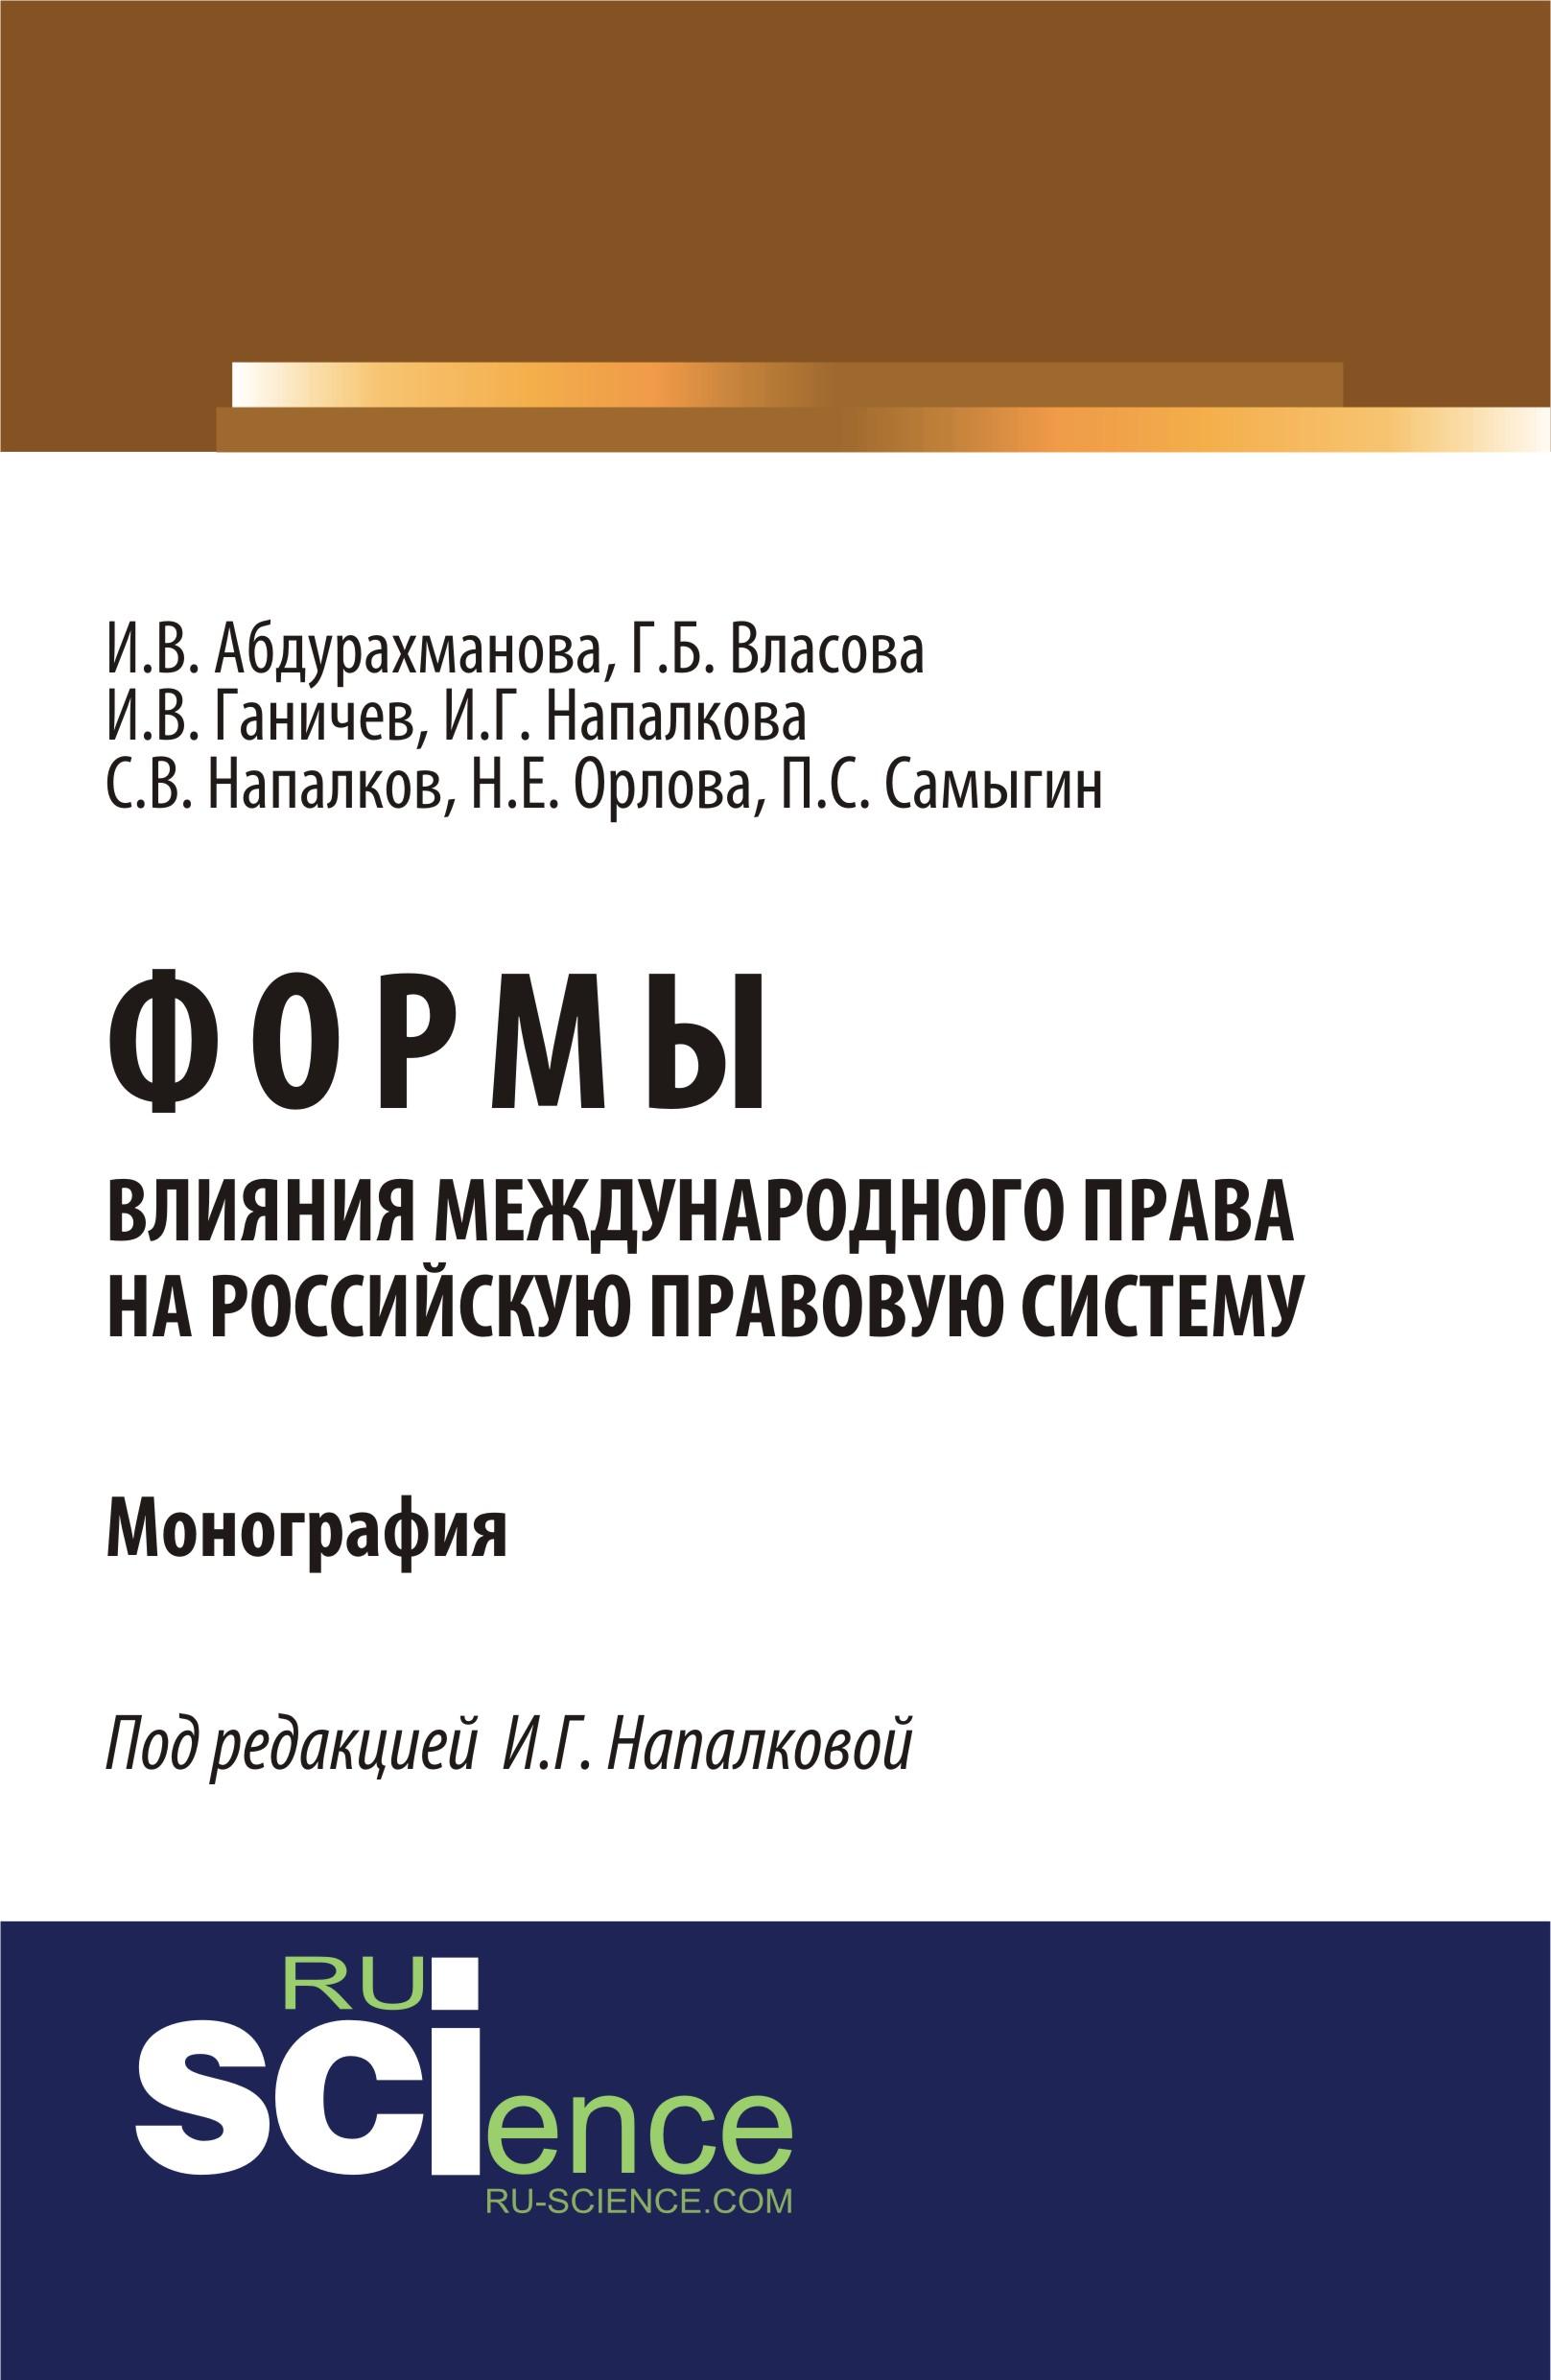 Формы влияния международного права на российскую правовую систему